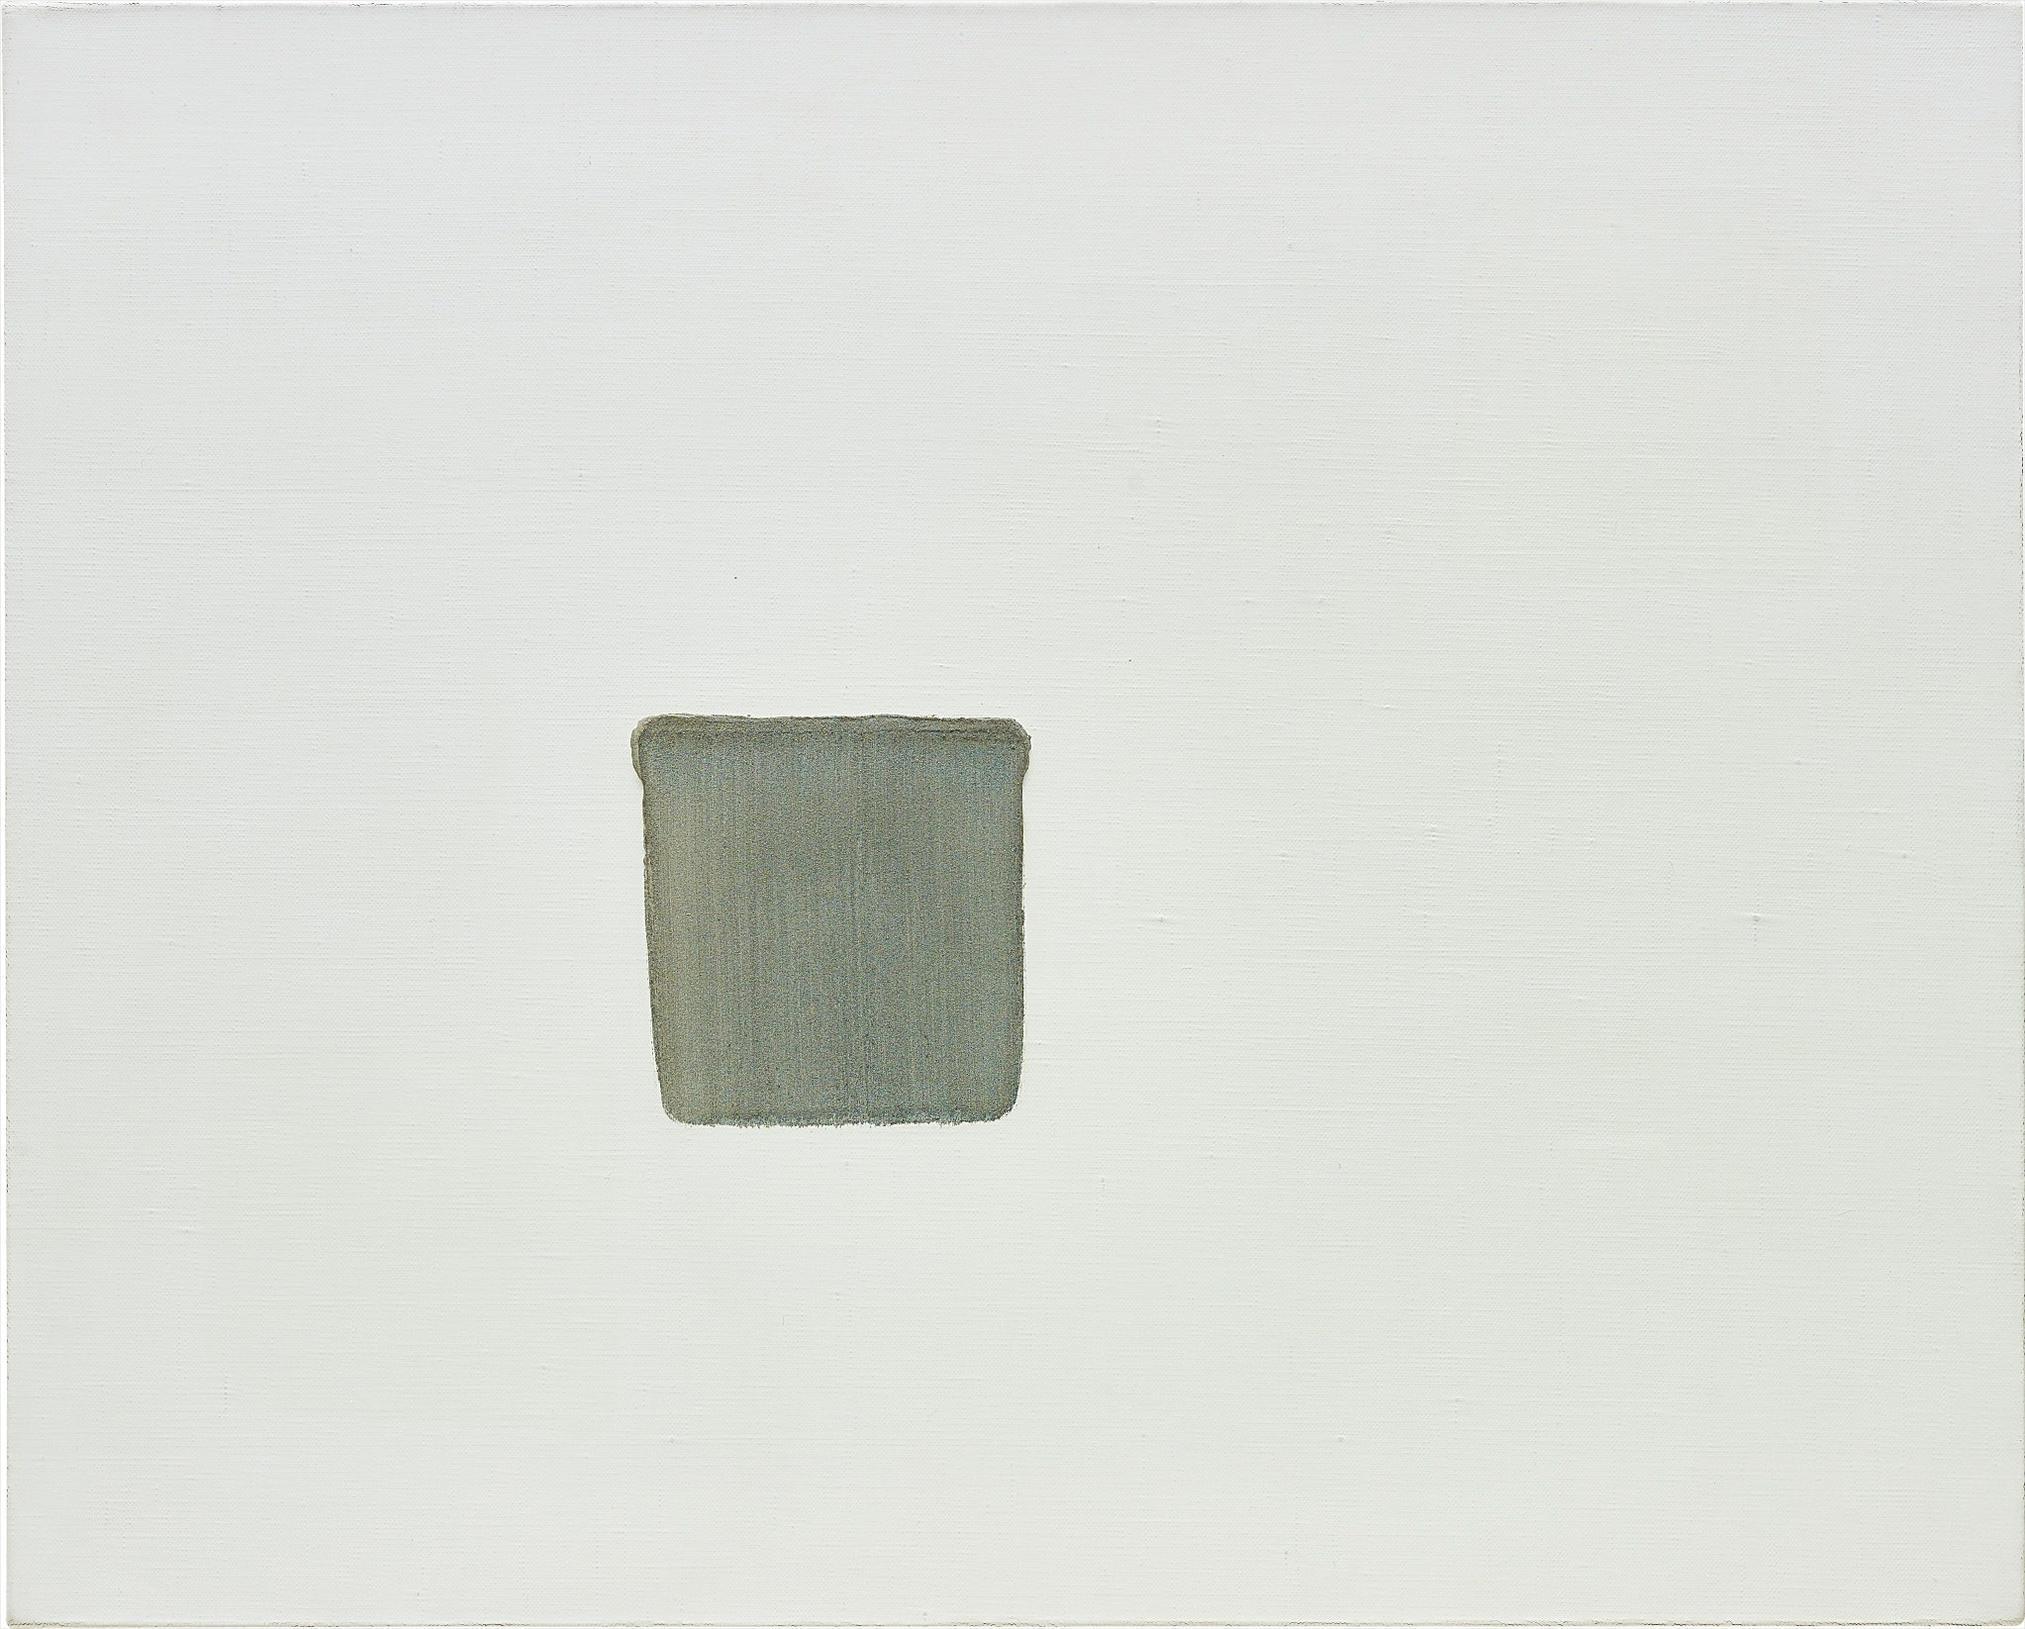 Lee Ufan-Correspondance-2000